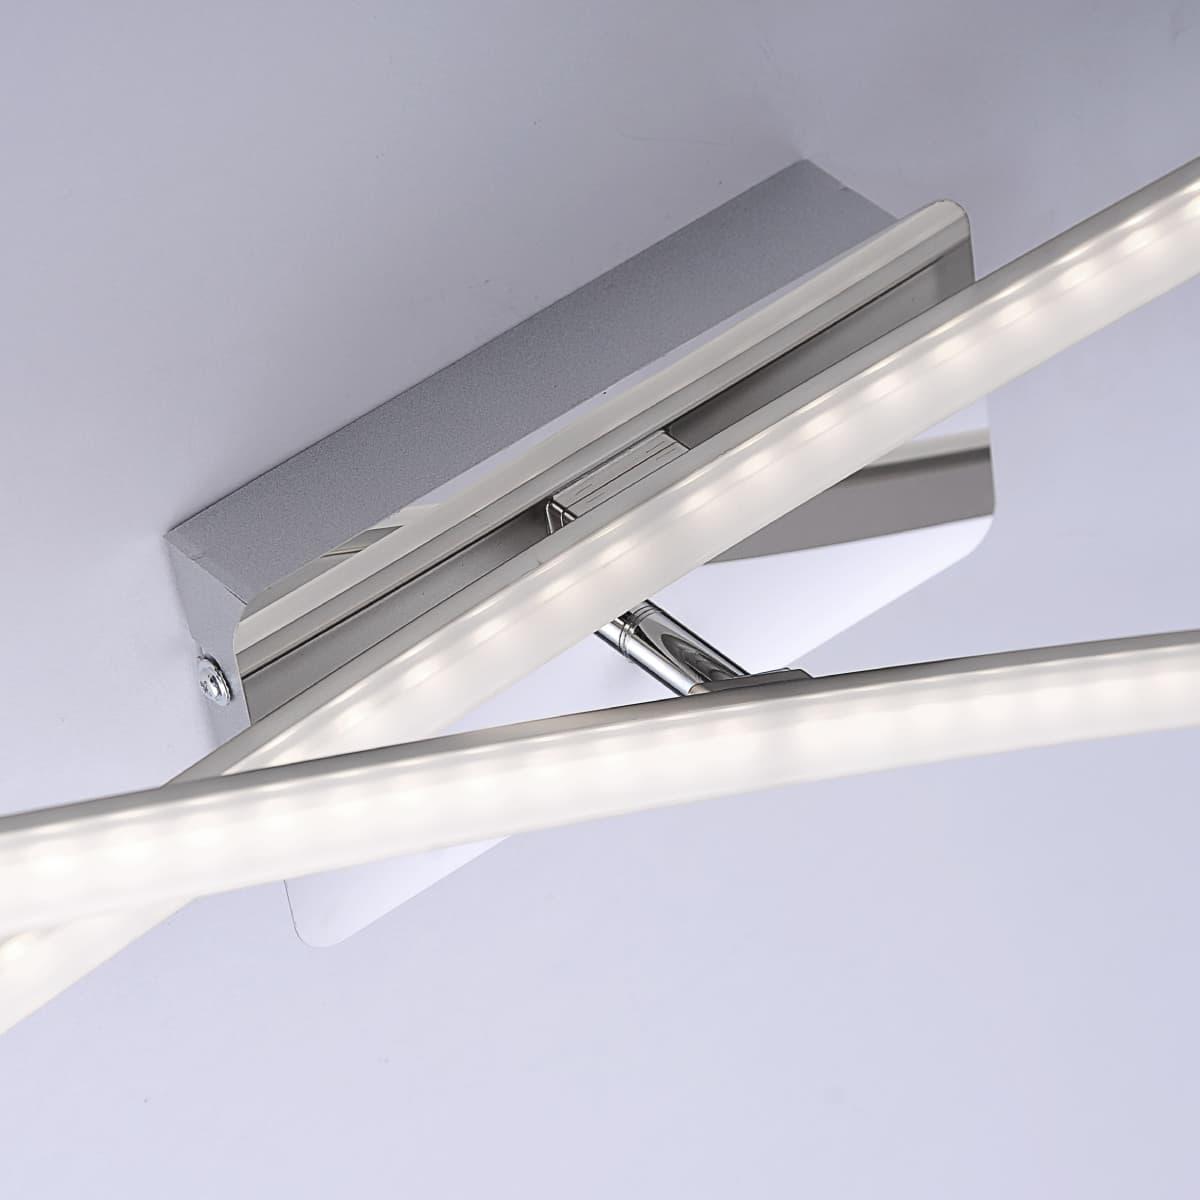 LED Deckenleuchte in stahlfarben, zwei flammig dank 2 verstellbaren Lichtleisten